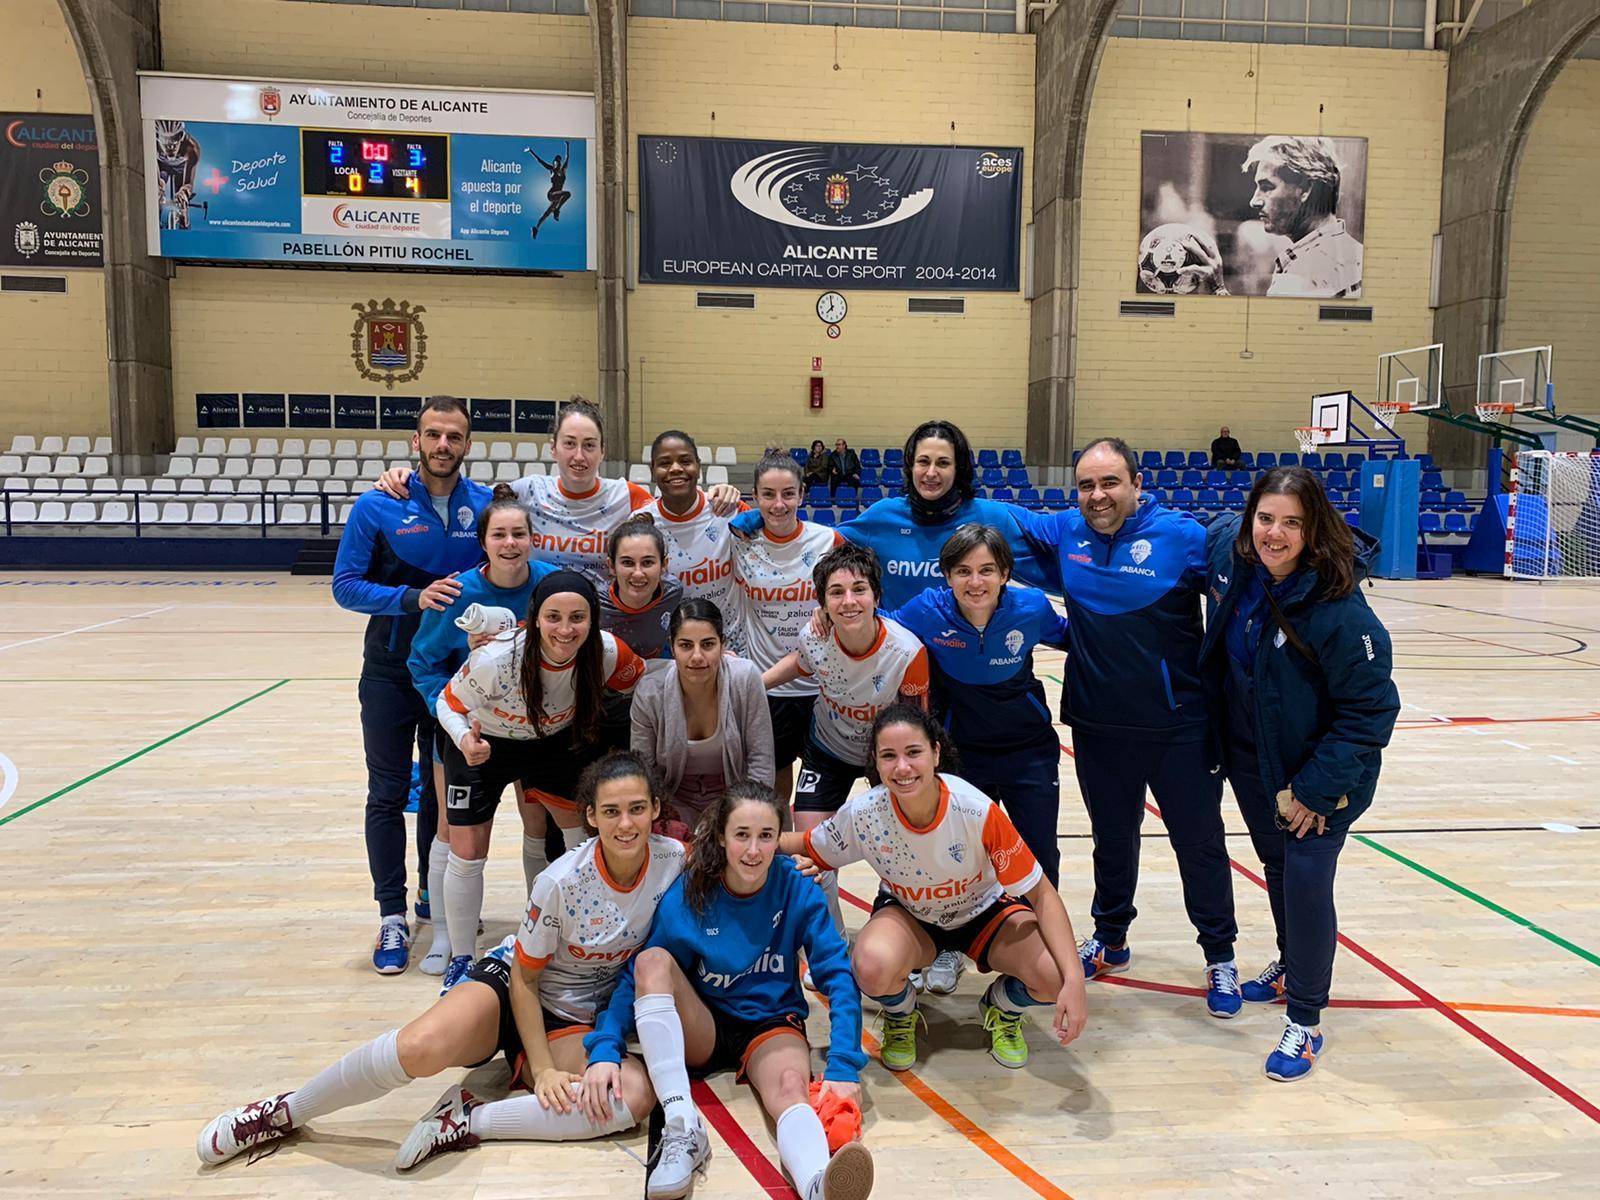 O Ourense Envialia intentará conseguir uns resultados como a anterior campaña